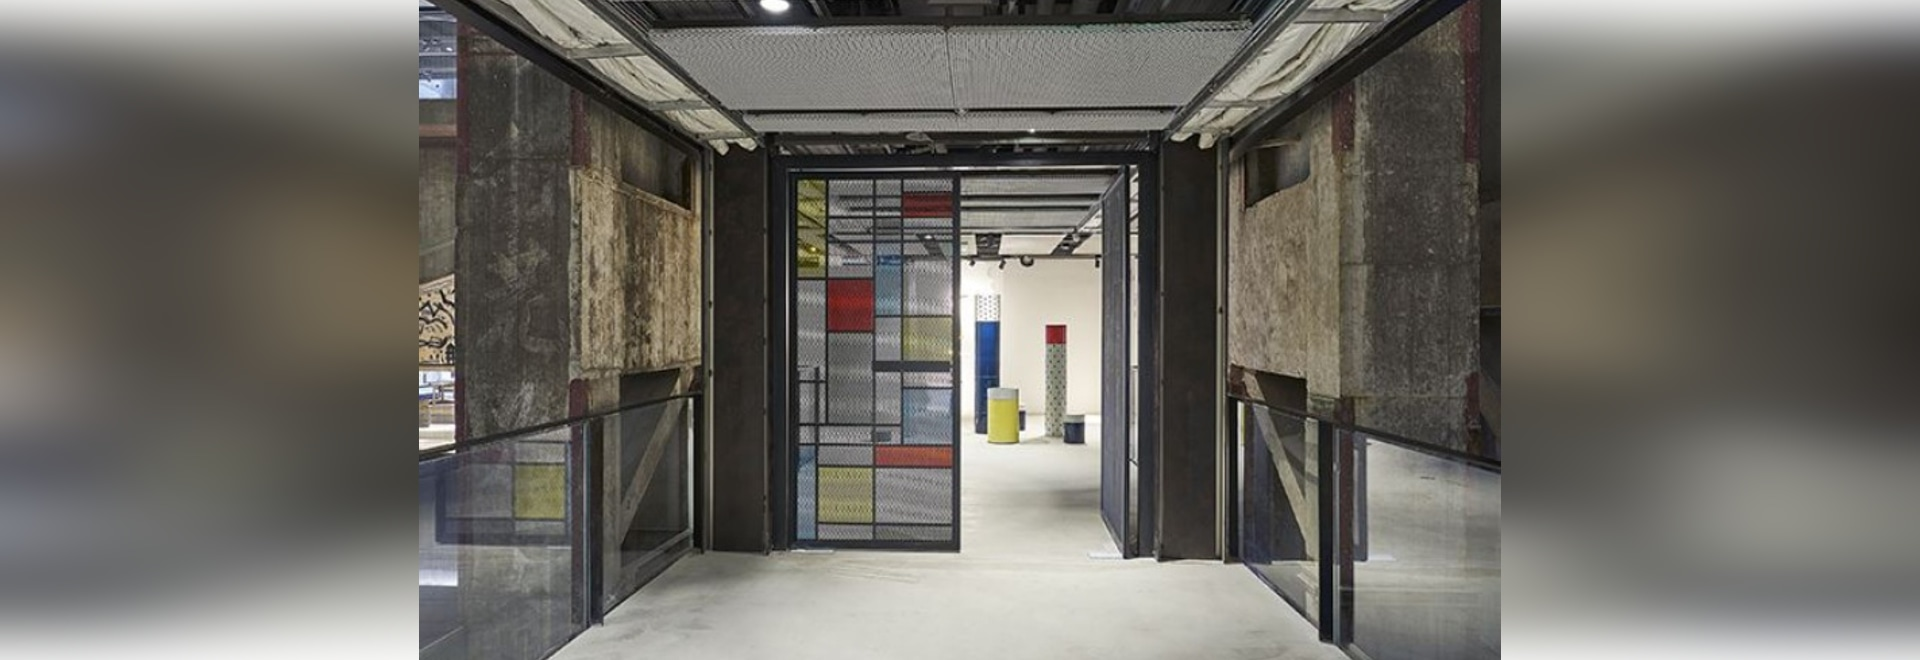 ARTSHIP Design Store